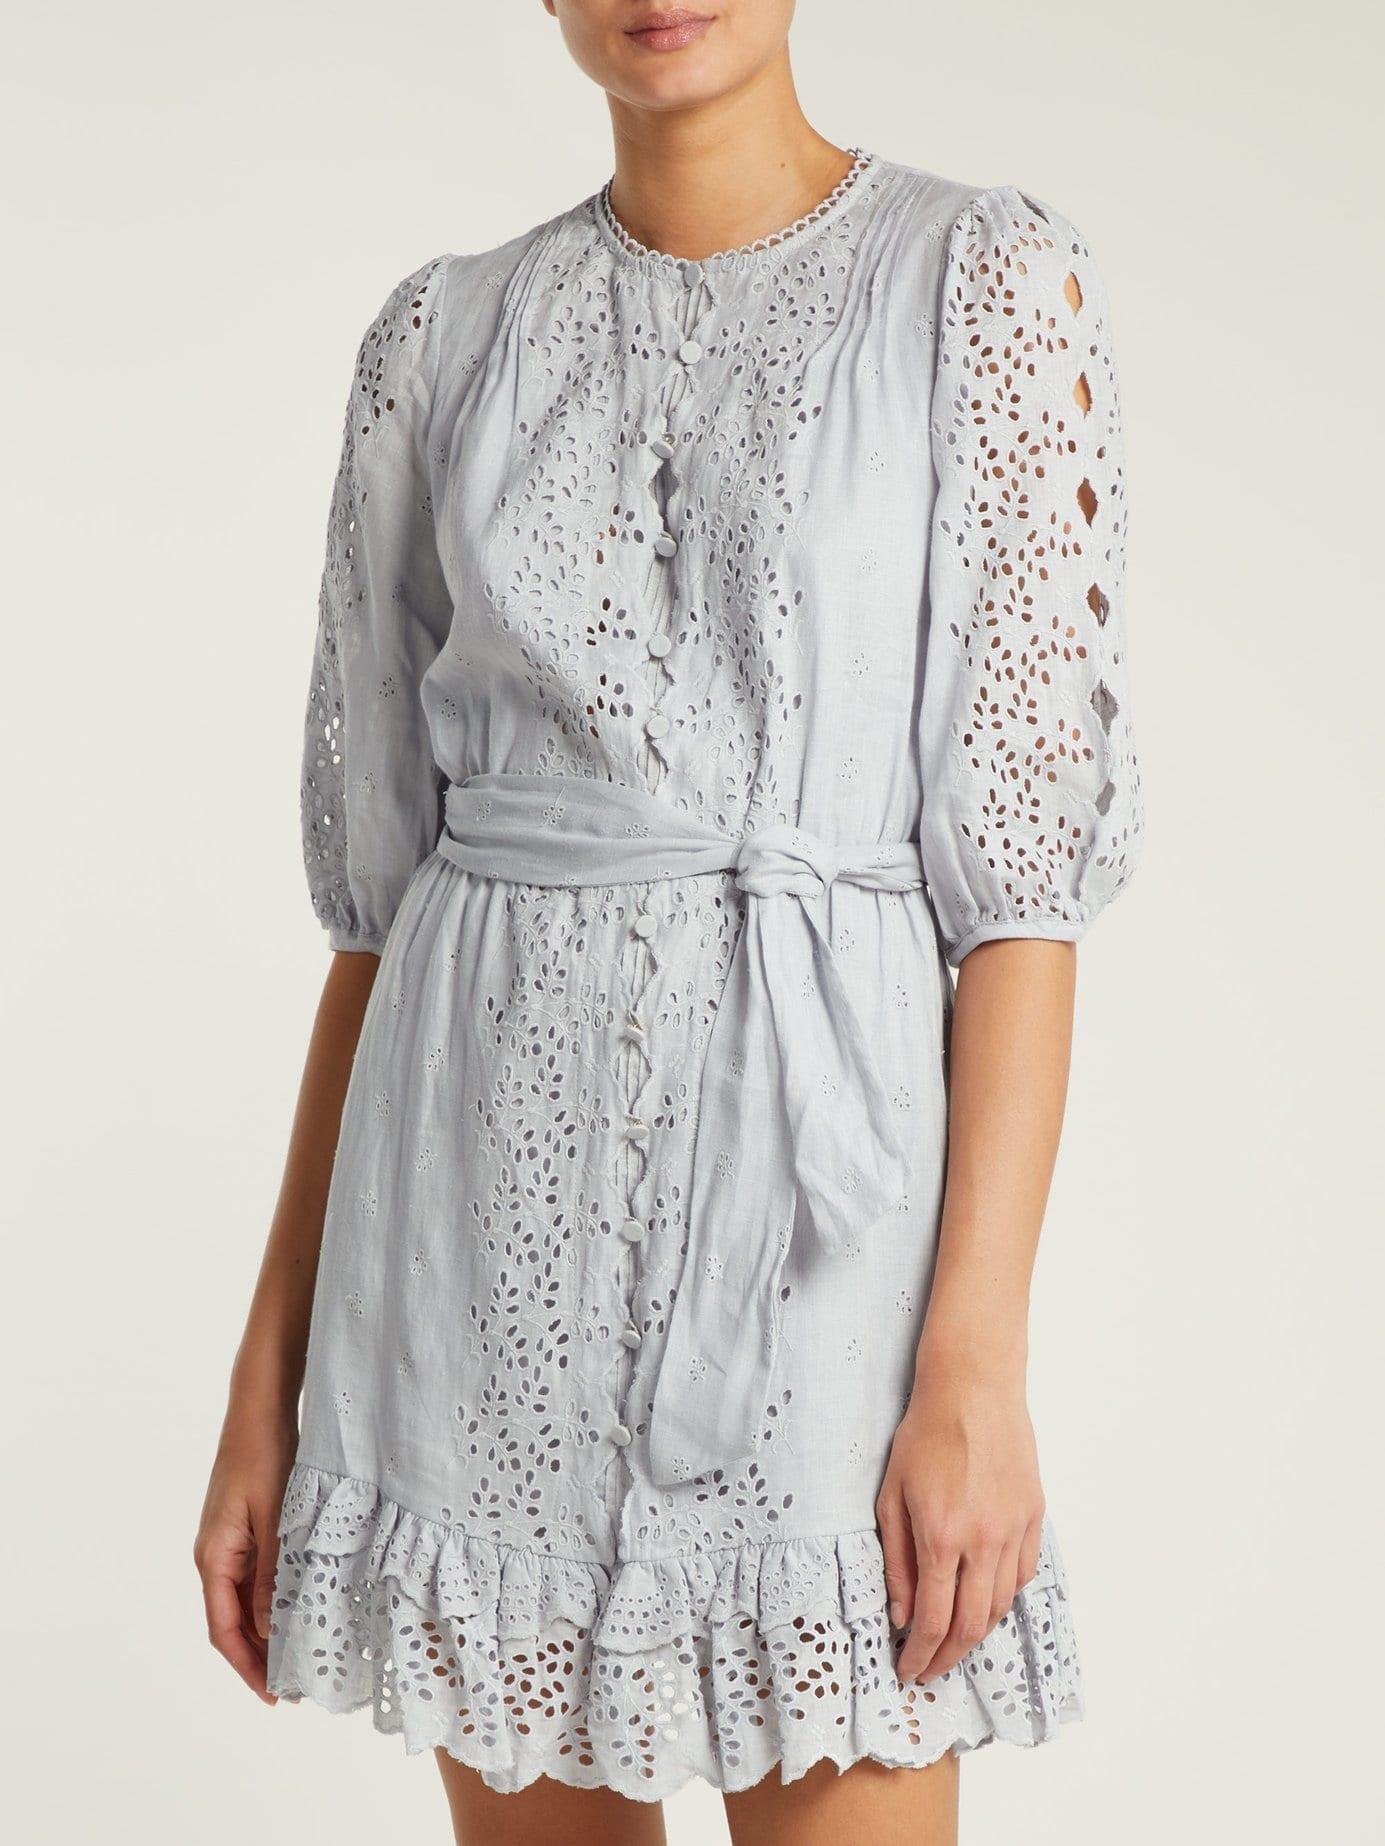 ZIMMERMANN Iris Scallop Lace Linen Light Blue Dress